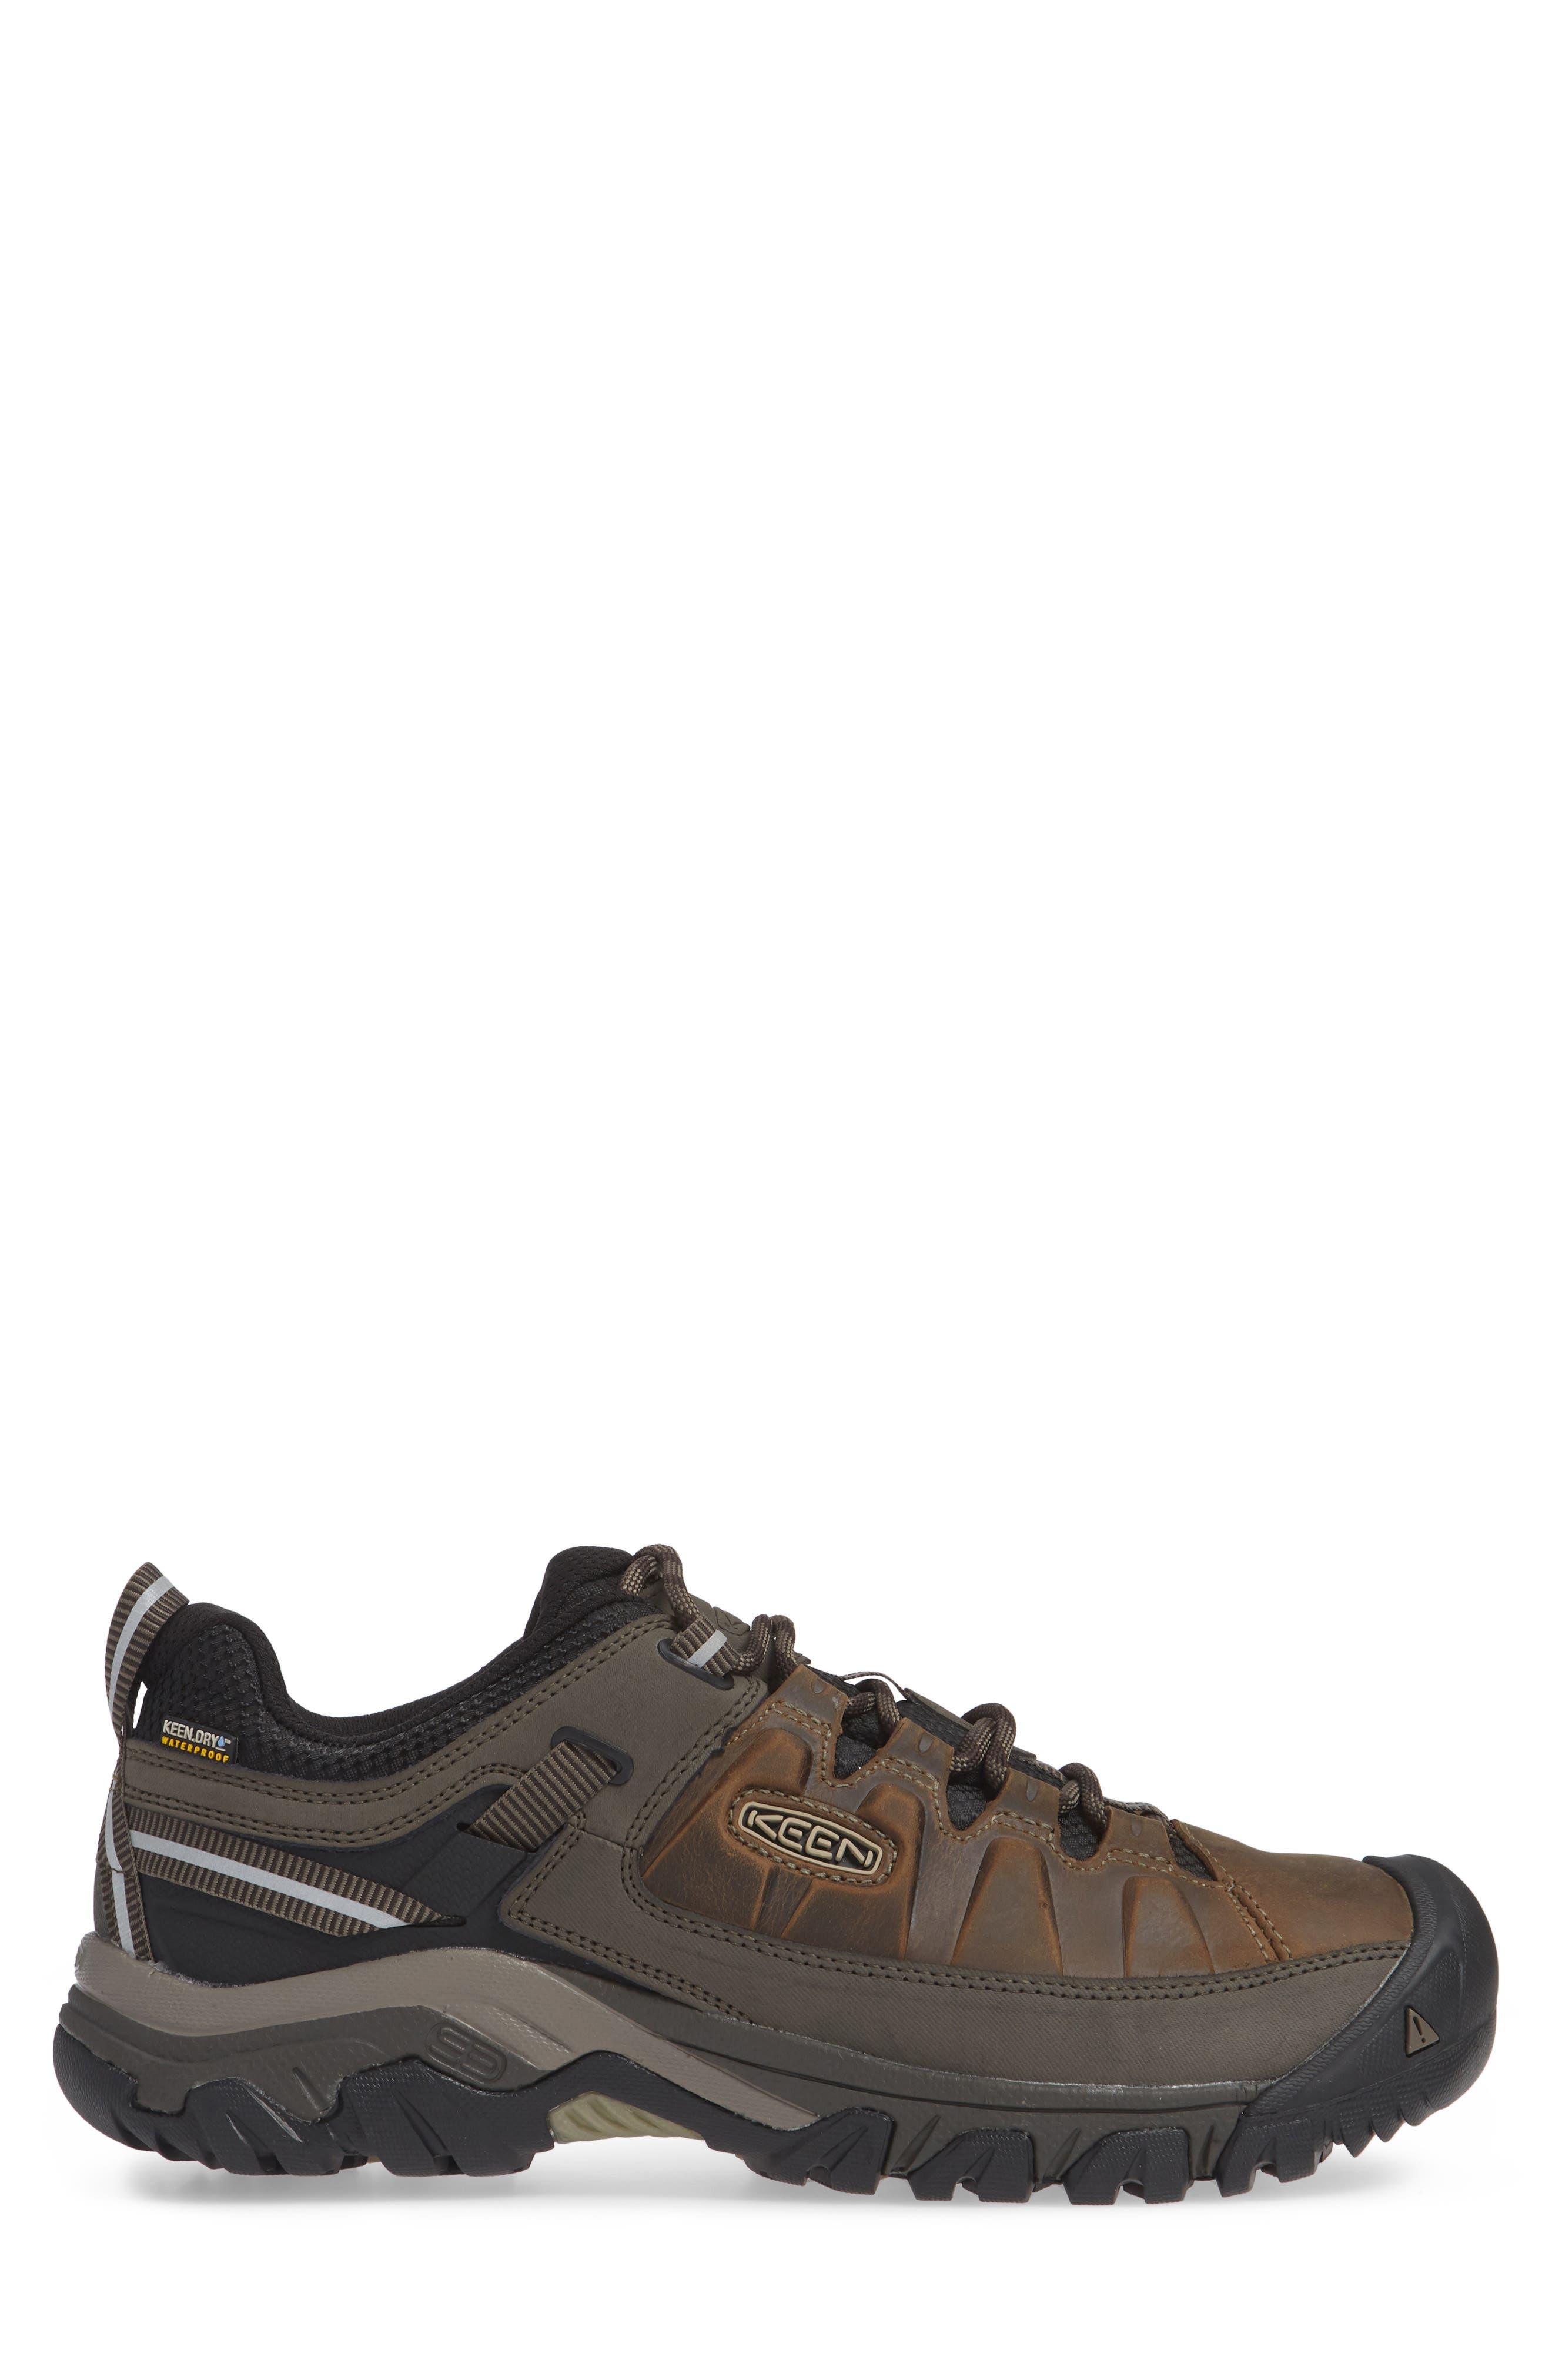 KEEN, Targhee III Waterproof Wide Hiking Shoe, Alternate thumbnail 3, color, BUNGEE CORD/ BLACK